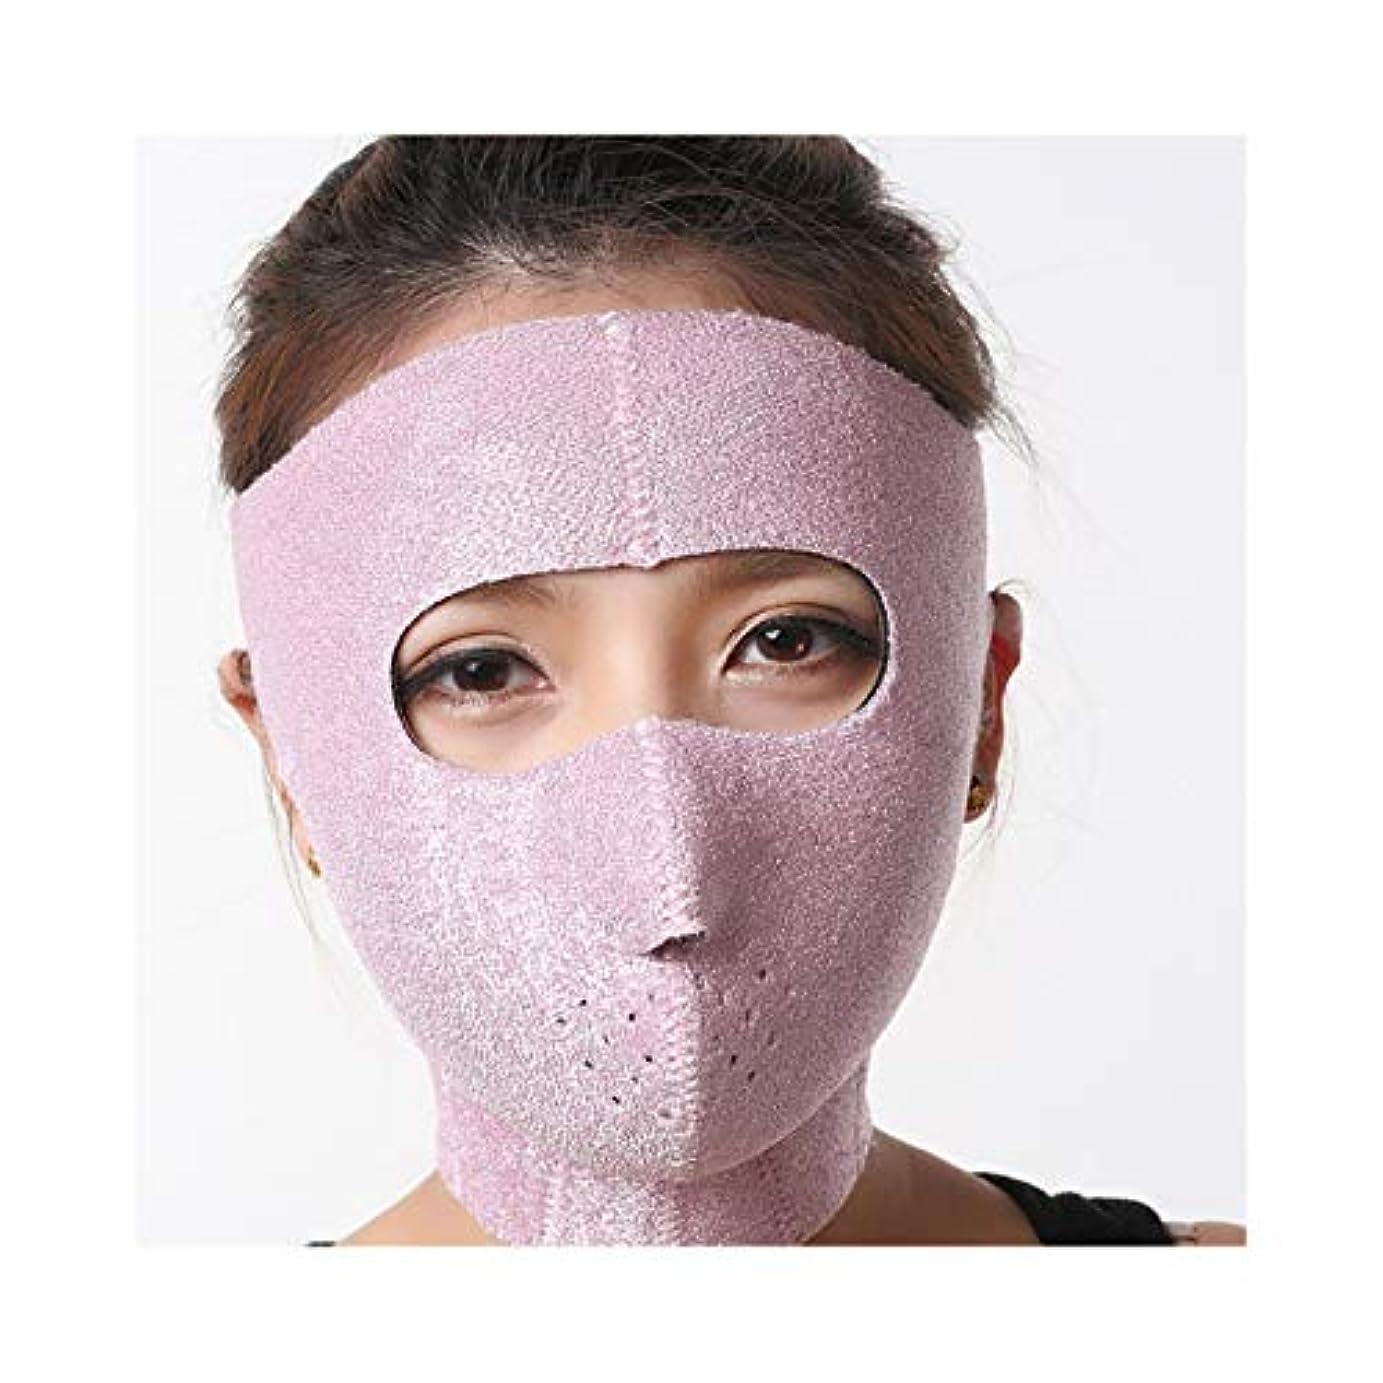 ブレイズ敷居テロリストGLJJQMY スリムベルトマスク薄い顔マスク睡眠薄い顔マスク薄い顔包帯薄い顔アーティファクト薄い顔薄い顔薄い顔小さいV顔睡眠薄い顔ベルト 顔用整形マスク